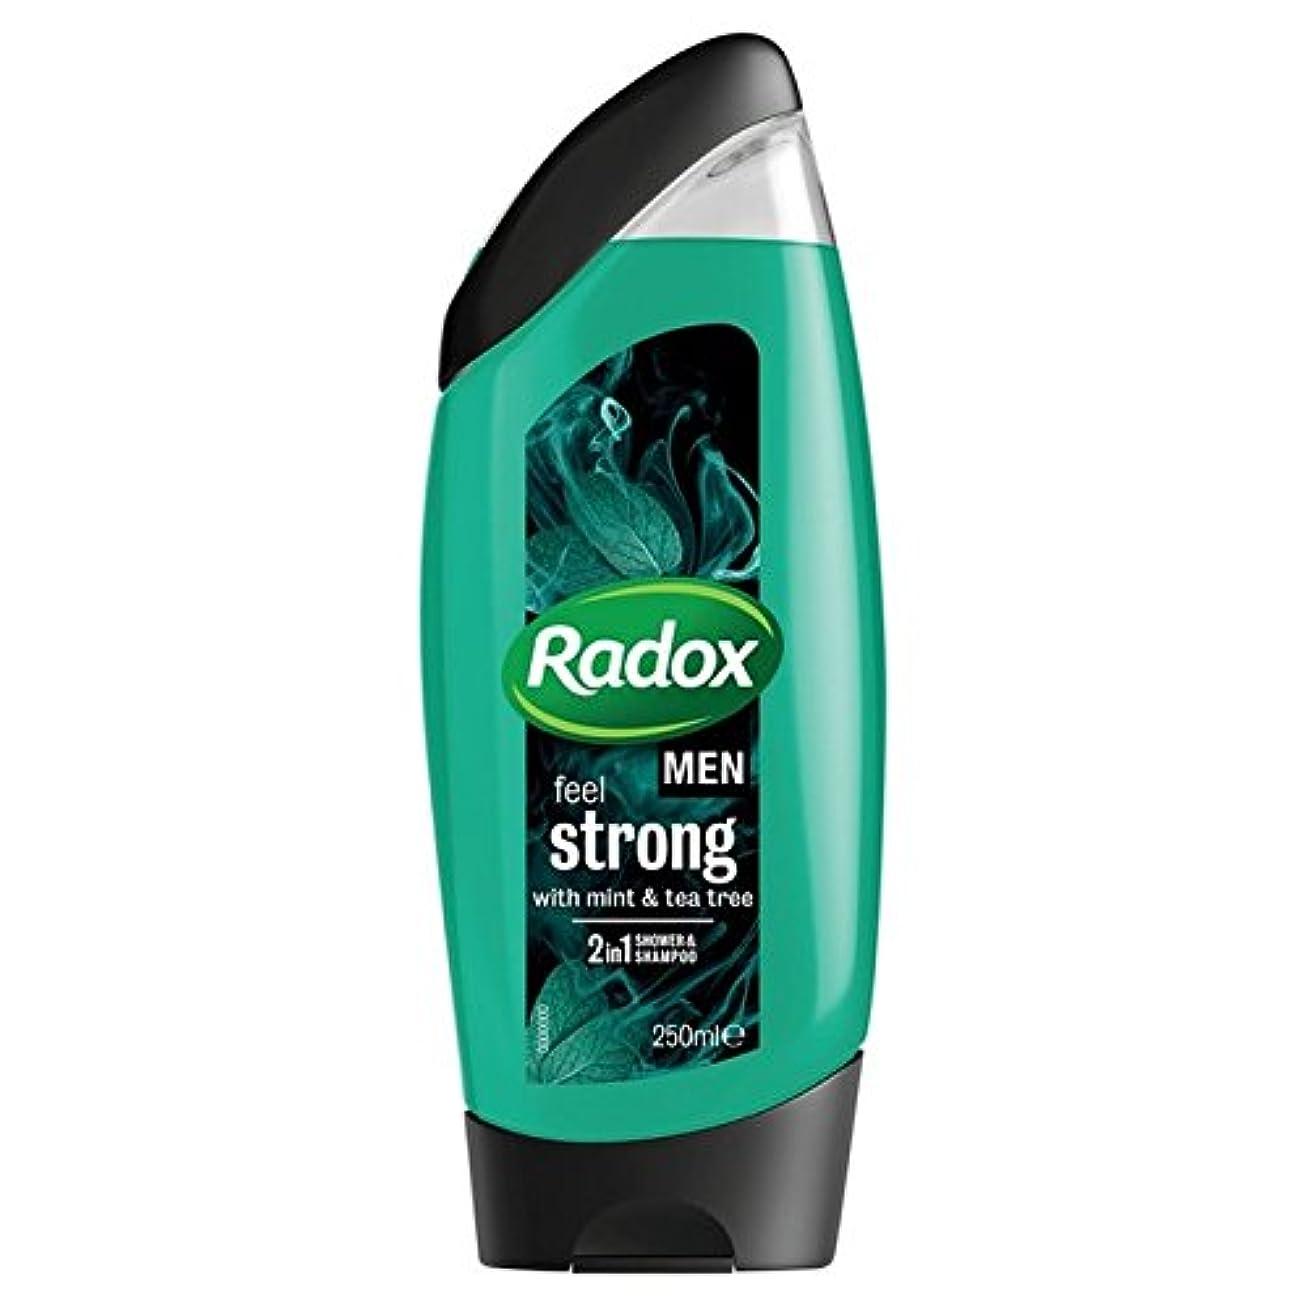 ますます民間人郵便物Radox Men Feel Strong Mint & Tea Tree 2in1 Shower Gel 250ml (Pack of 6) - 男性は、強力なミント&ティーツリーの21のシャワージェル250ミリリットル...